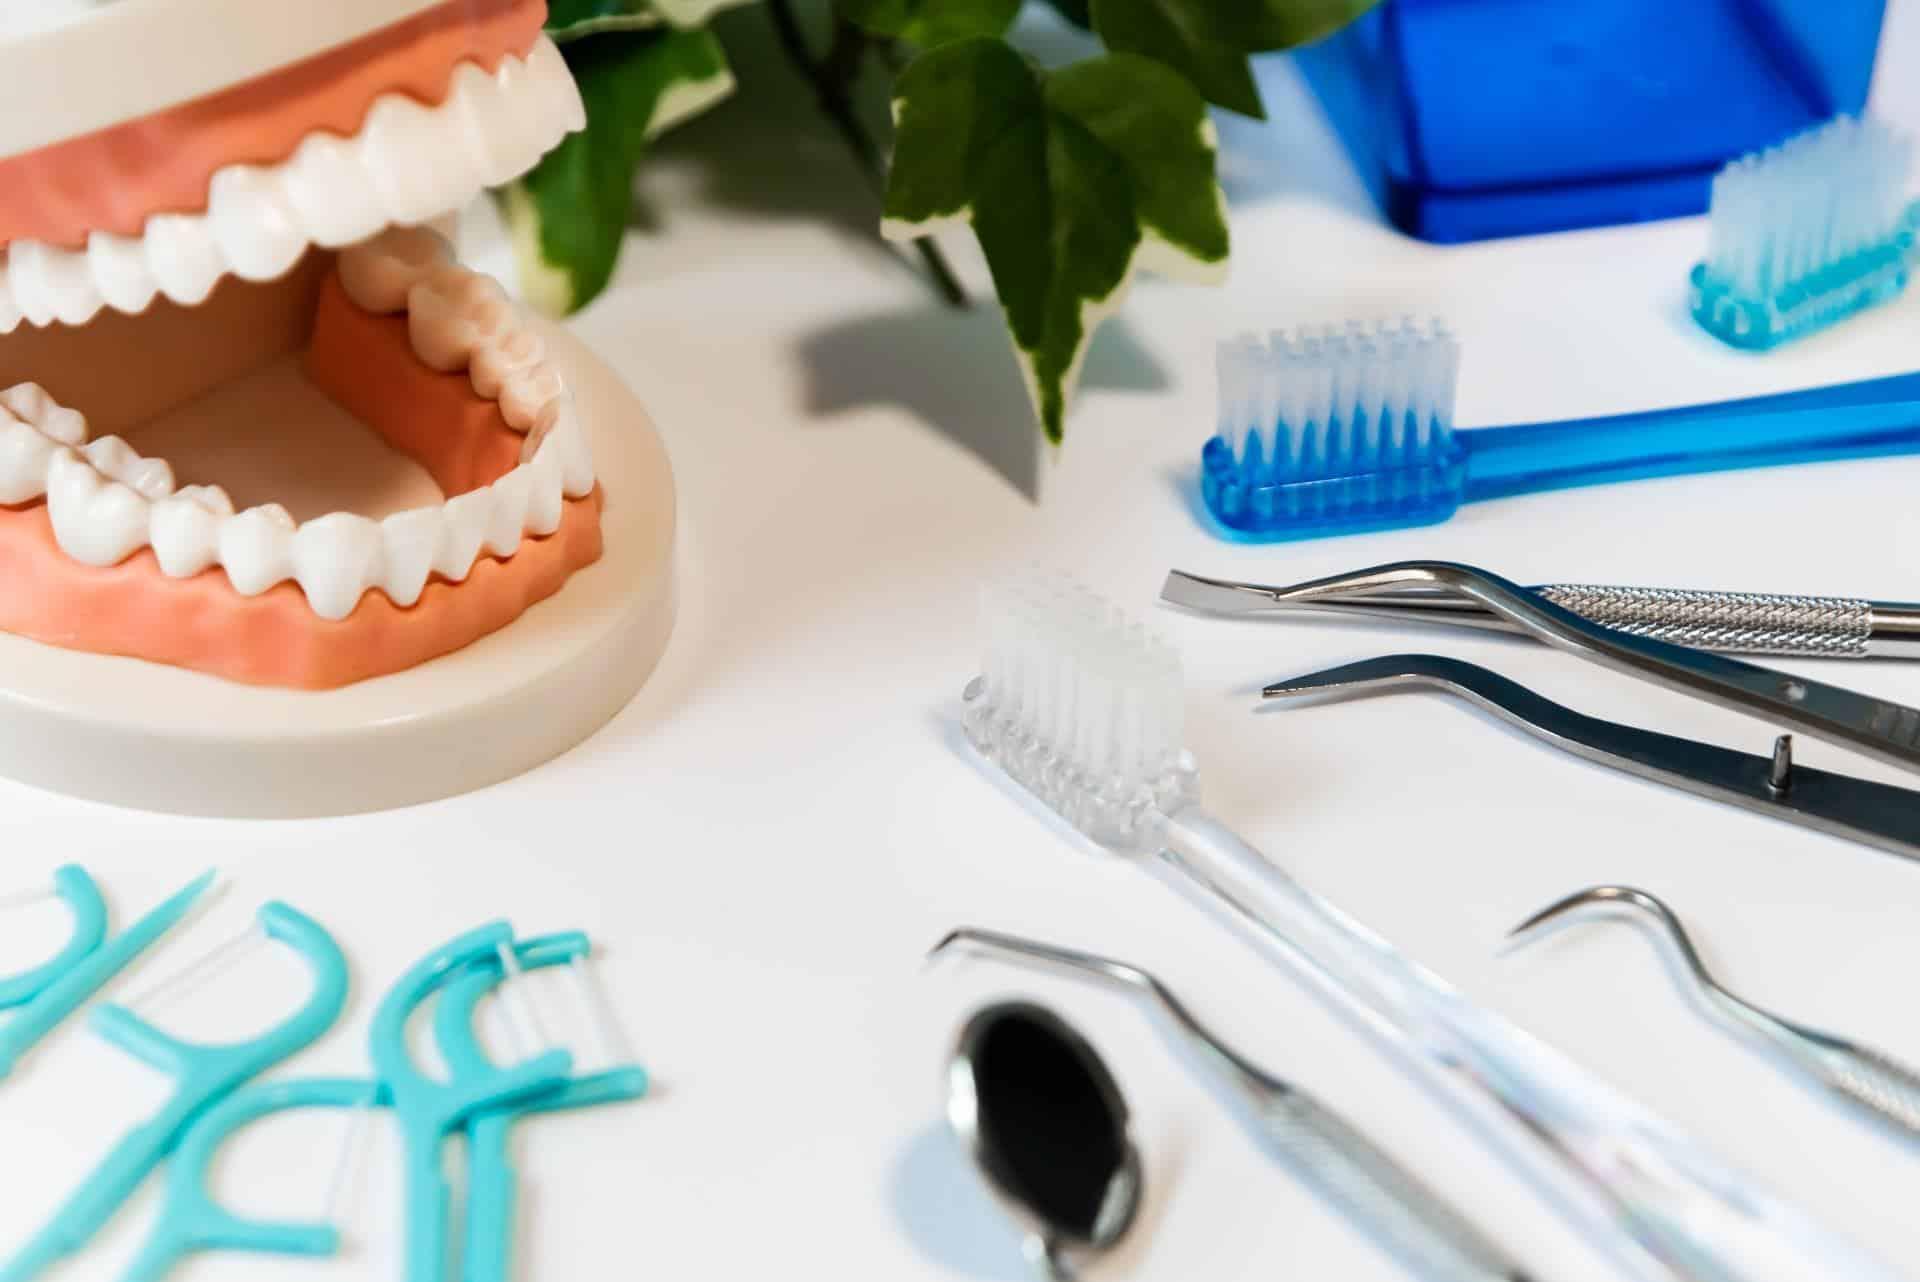 Răng hàm mặt - Phòng khám đa khoa tại Nha Trang, Phòng khám đa khoa và bác sĩ gia đình Olympia